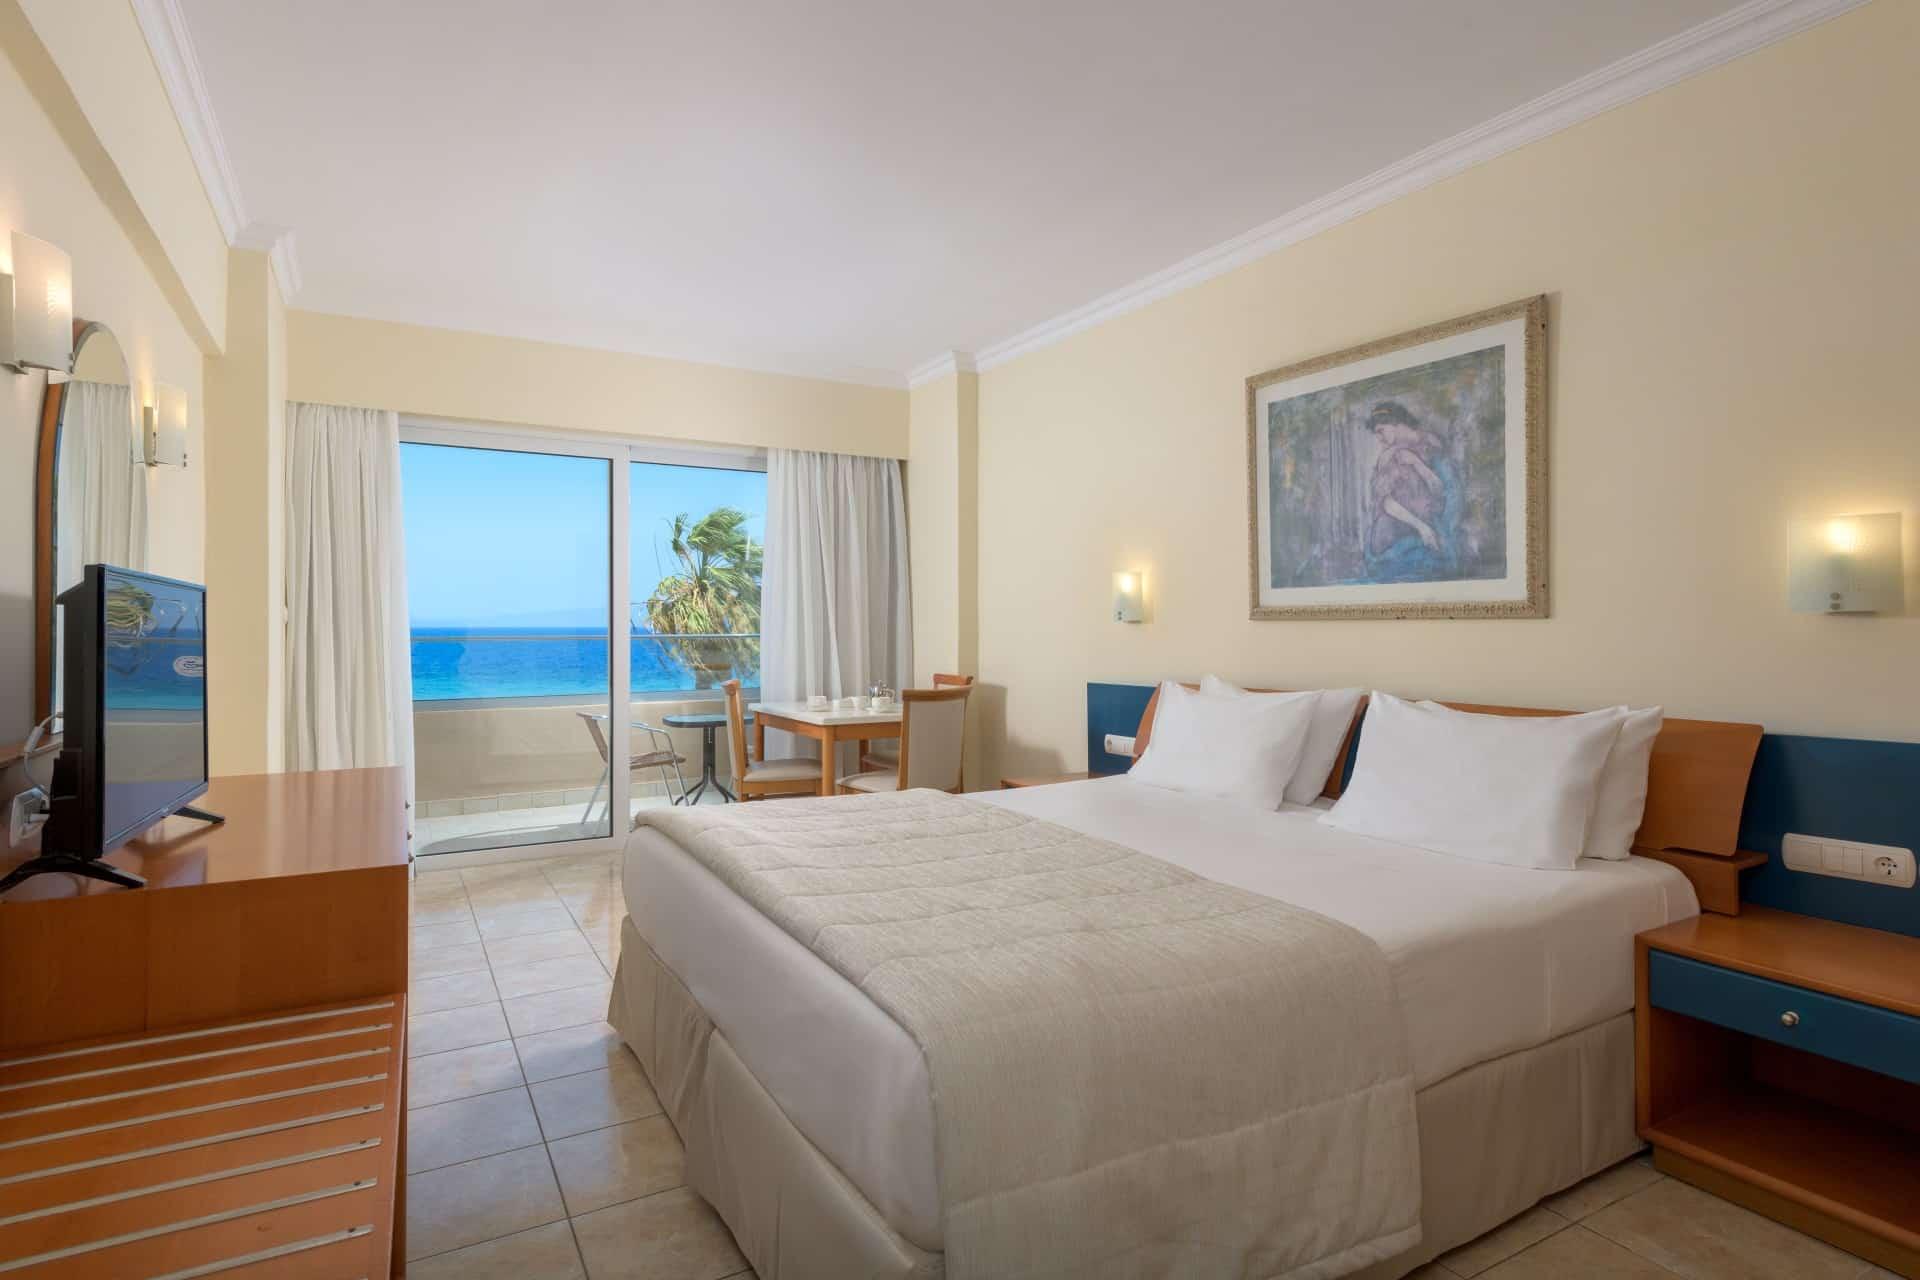 Studio Sea View-1 Bedroom-3